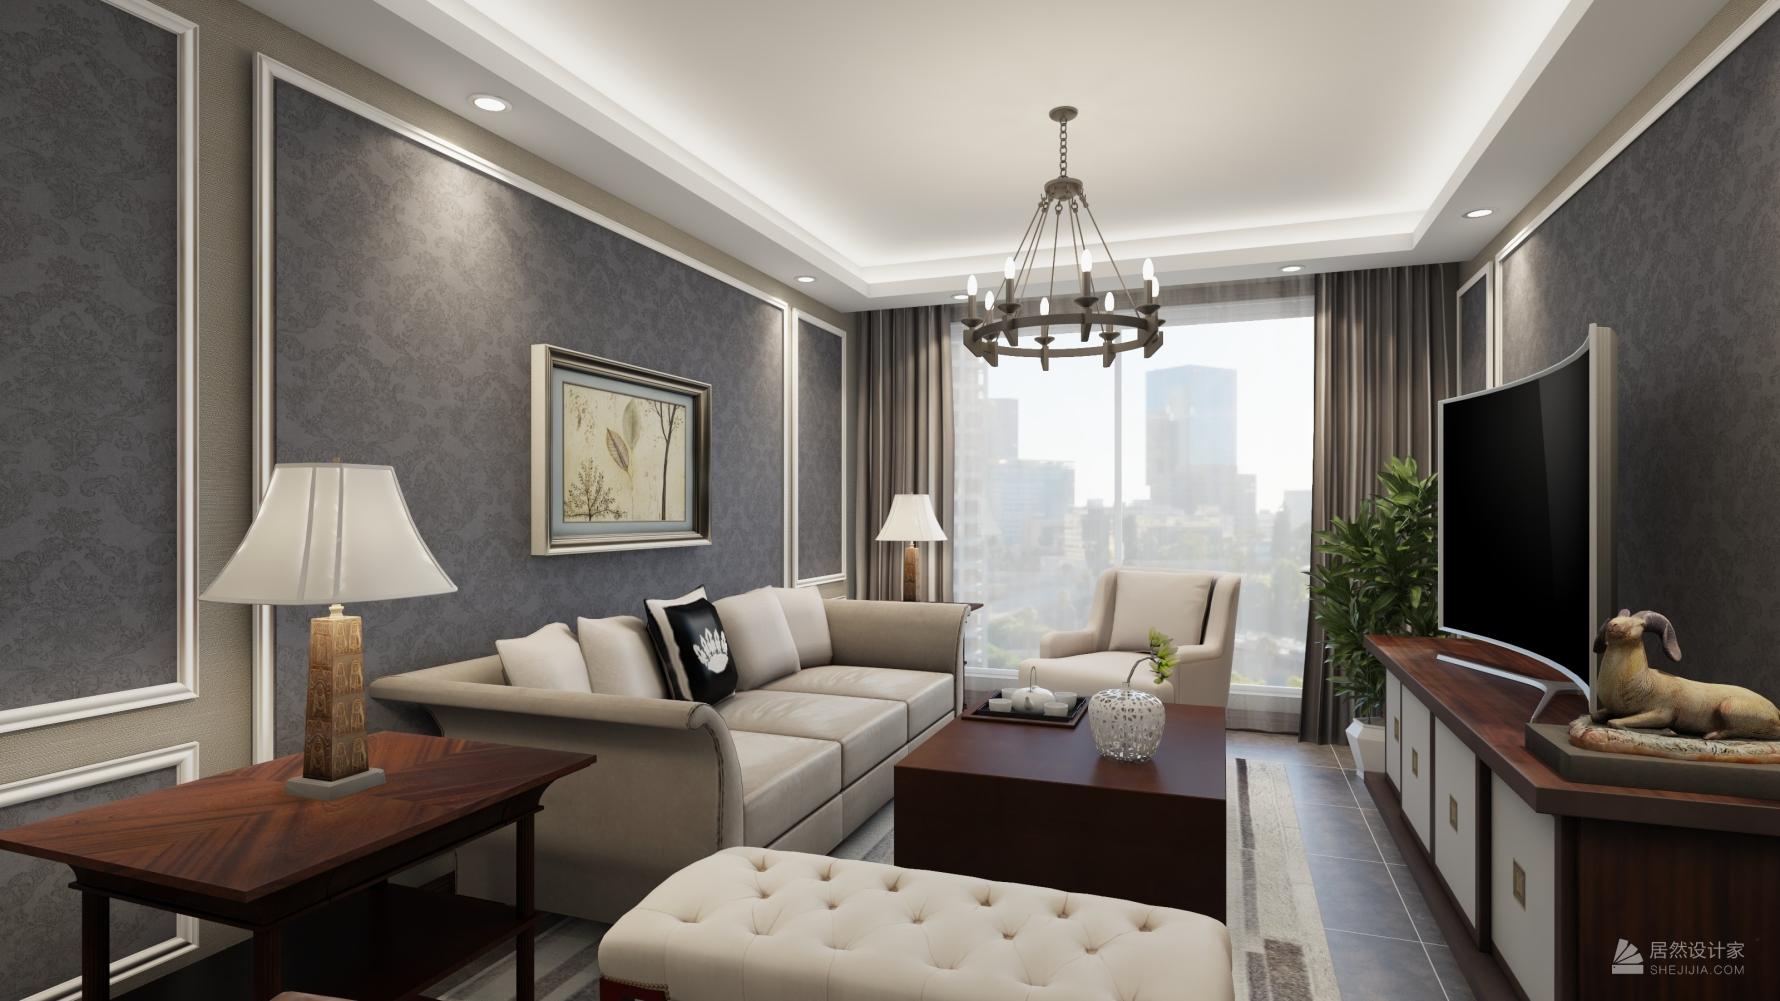 新古典风格两室一厅装修设计图